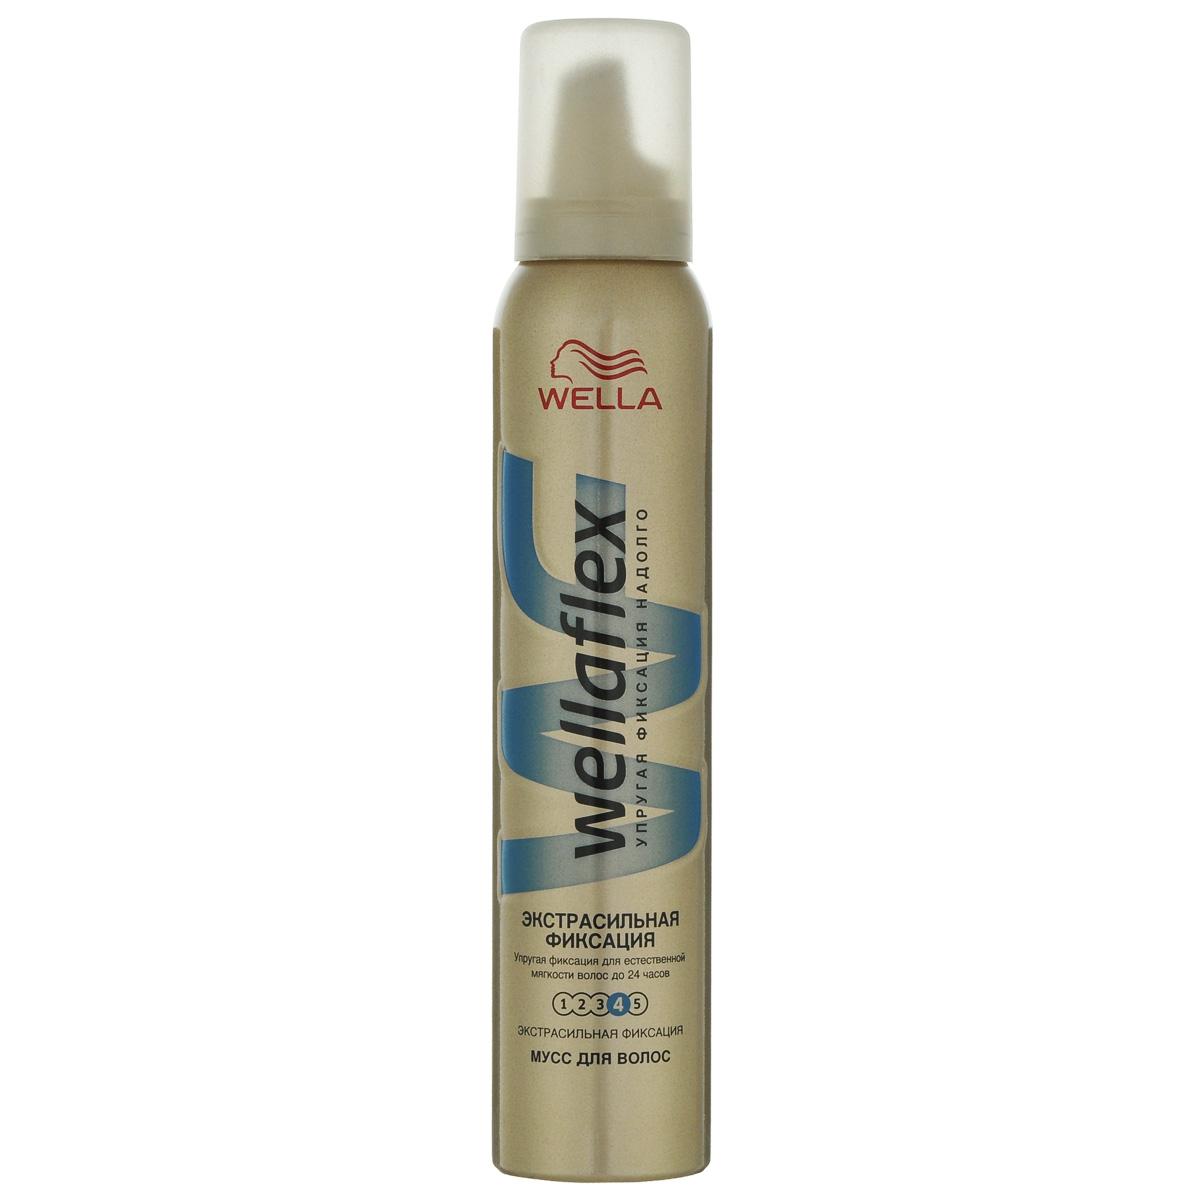 Wellaflex Мусс для укладки волос Экстрасильная фиксация до 24 часов, 200 млWF-81145208Мусс для укладки волос Wellaflex Объем до 2-х дней экстрасильной фиксации обеспечивает упругую фиксацию и заметный объем прически. Формула Запас объема и гибкости образует на волосах структуру, которая, пружиня, помогает поддерживать длительный объем. Мусс сохраняет эластичность волос и защищает их от УФ-лучей. Не склеивает волосы. Характеристики: Объем: 200 мл. Товар сертифицирован. Уважаемые клиенты! Обращаем ваше внимание на измененный дизайн упаковки. Поставка осуществляется в зависимости от наличия на складе.